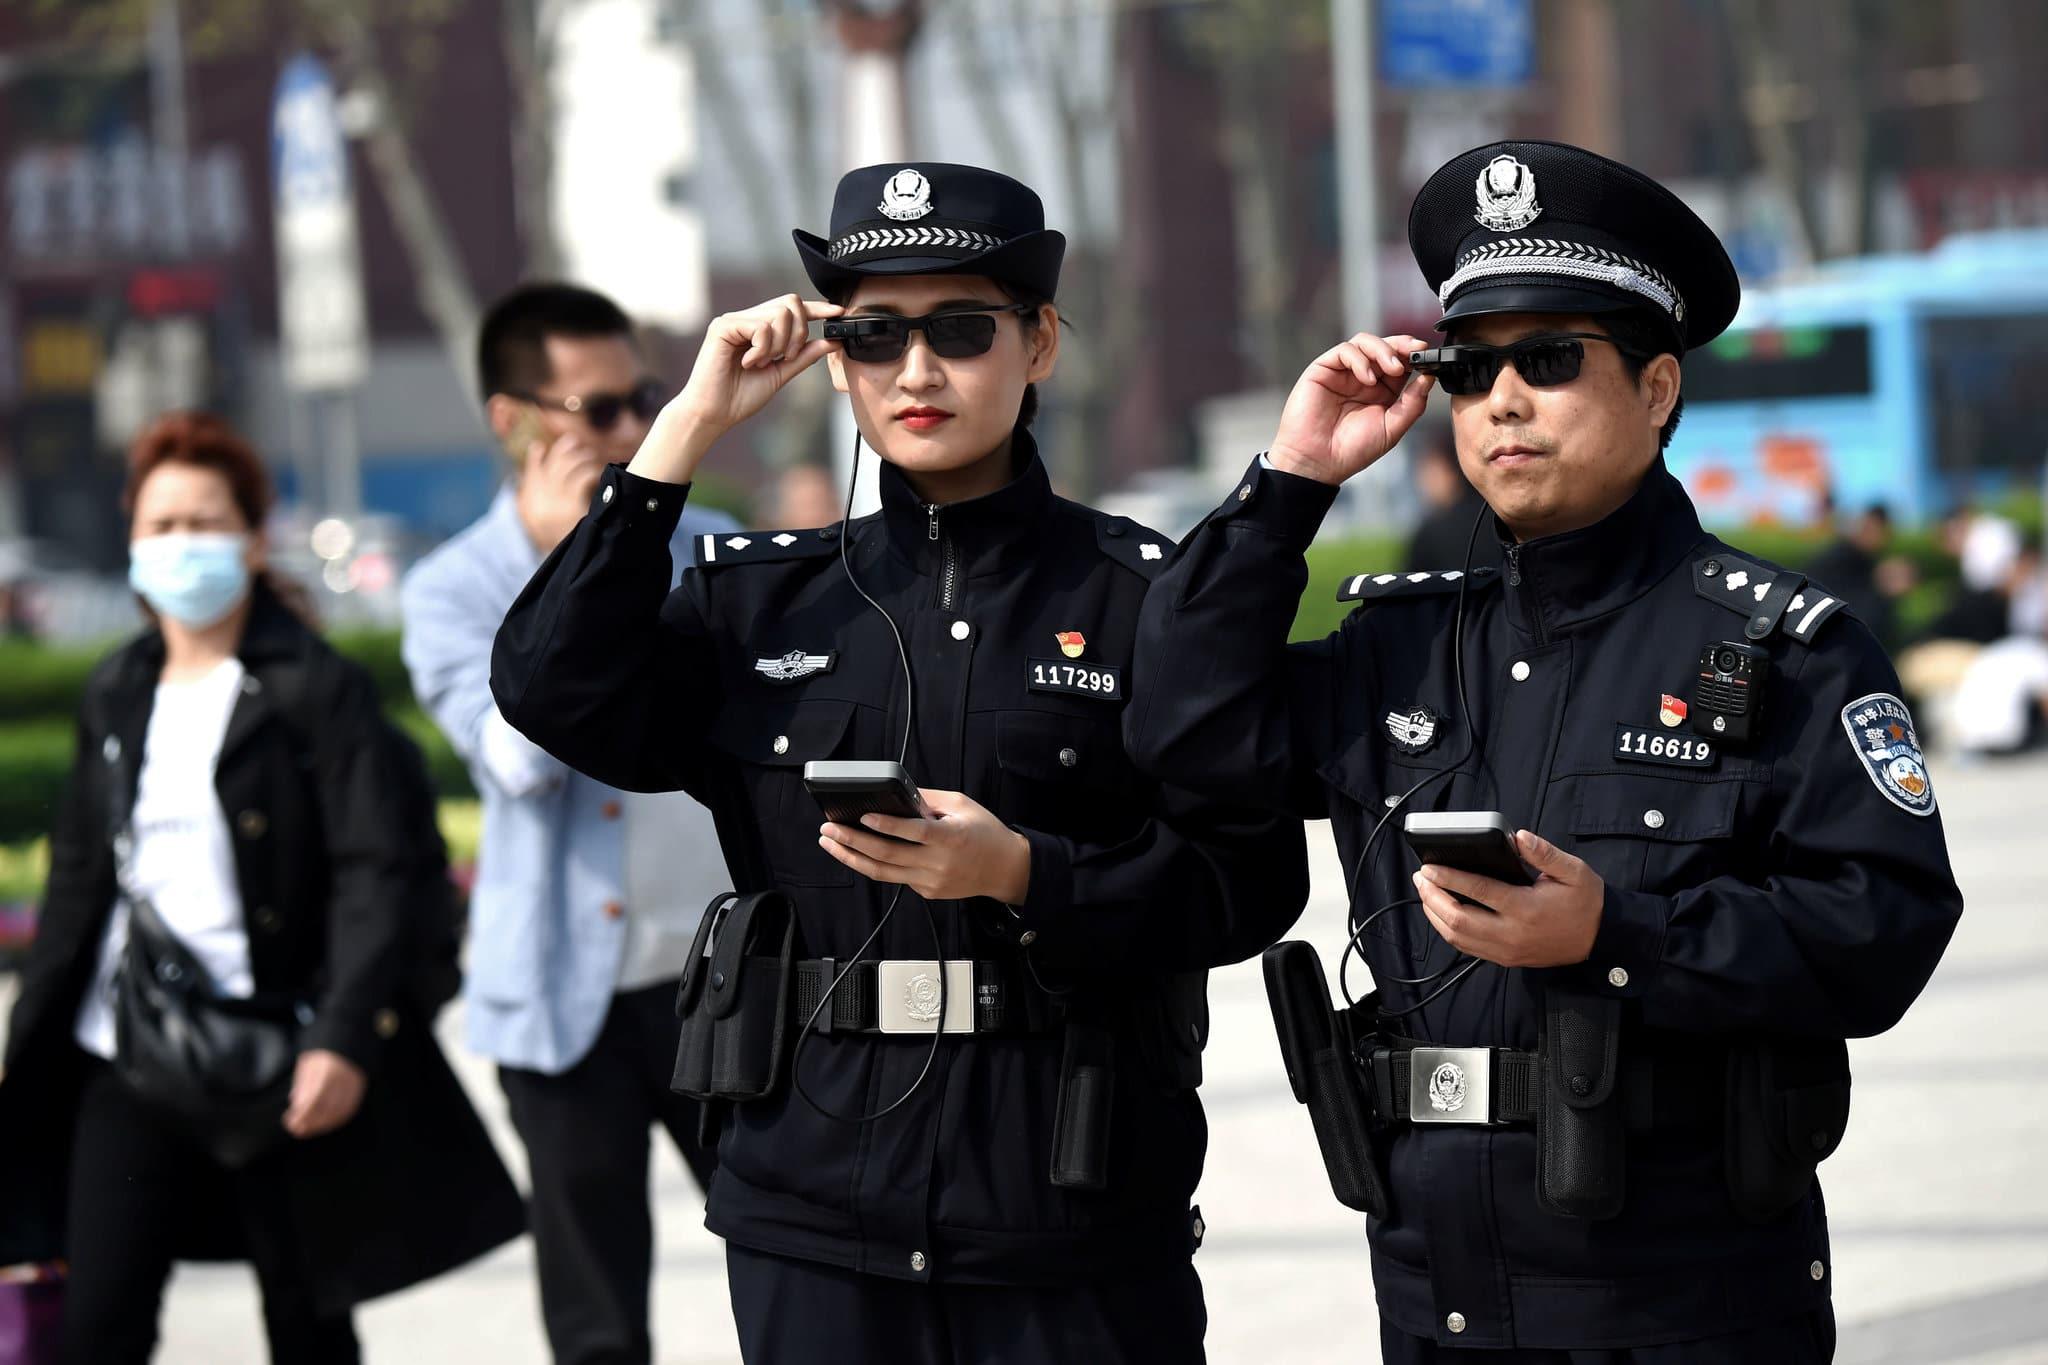 Çin'in Distopya Hayali: Yapay Zekâ ve Birçok Kamera